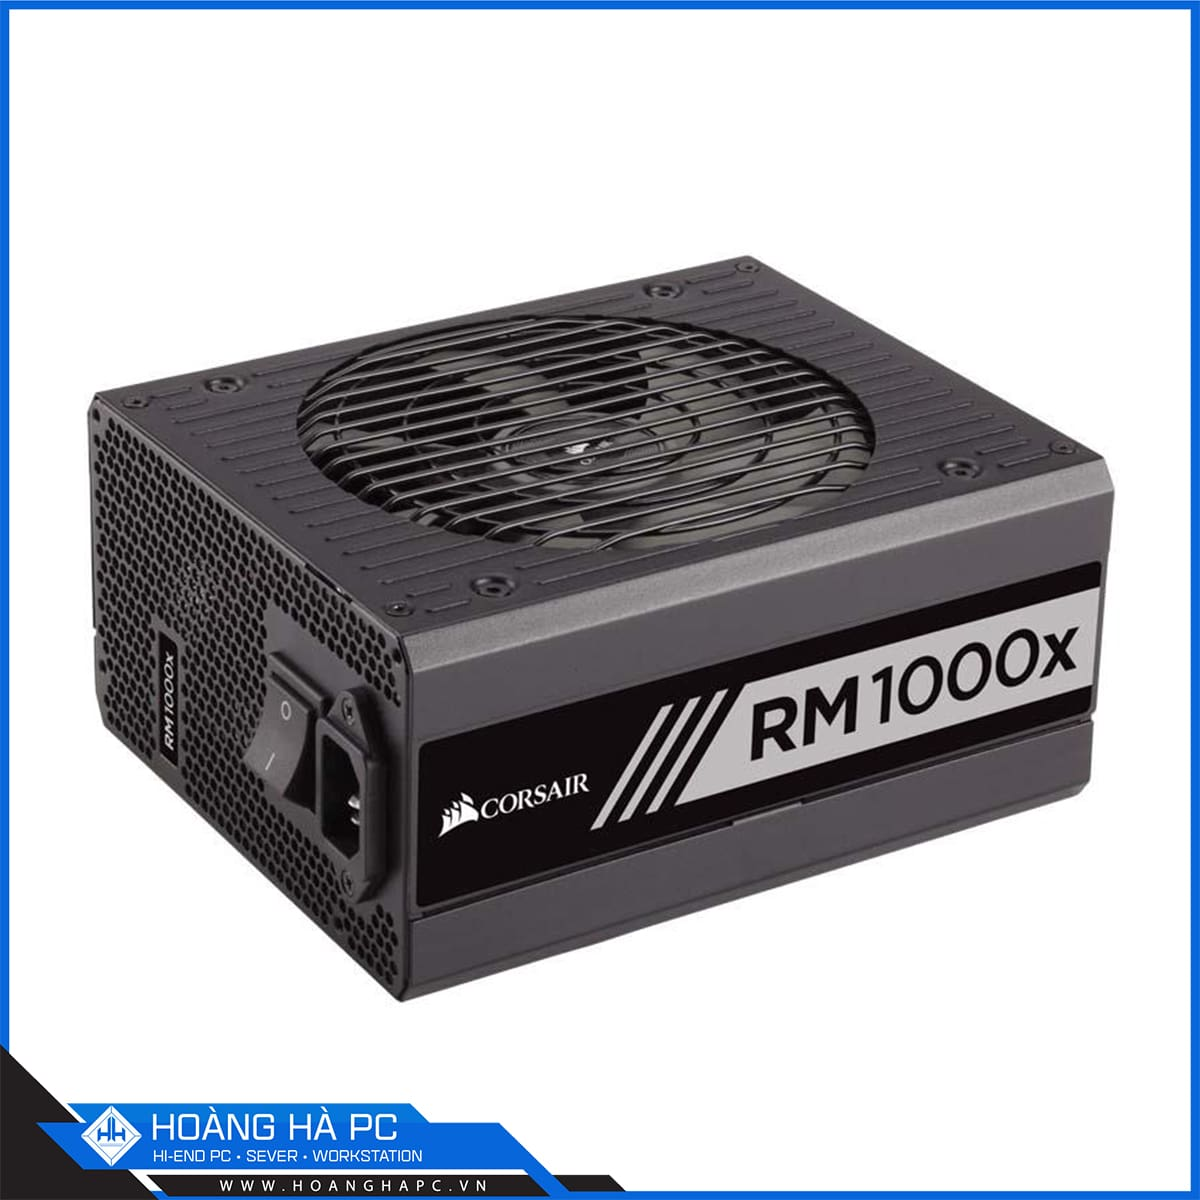 Nguồn Corsair RM1000x 1000W